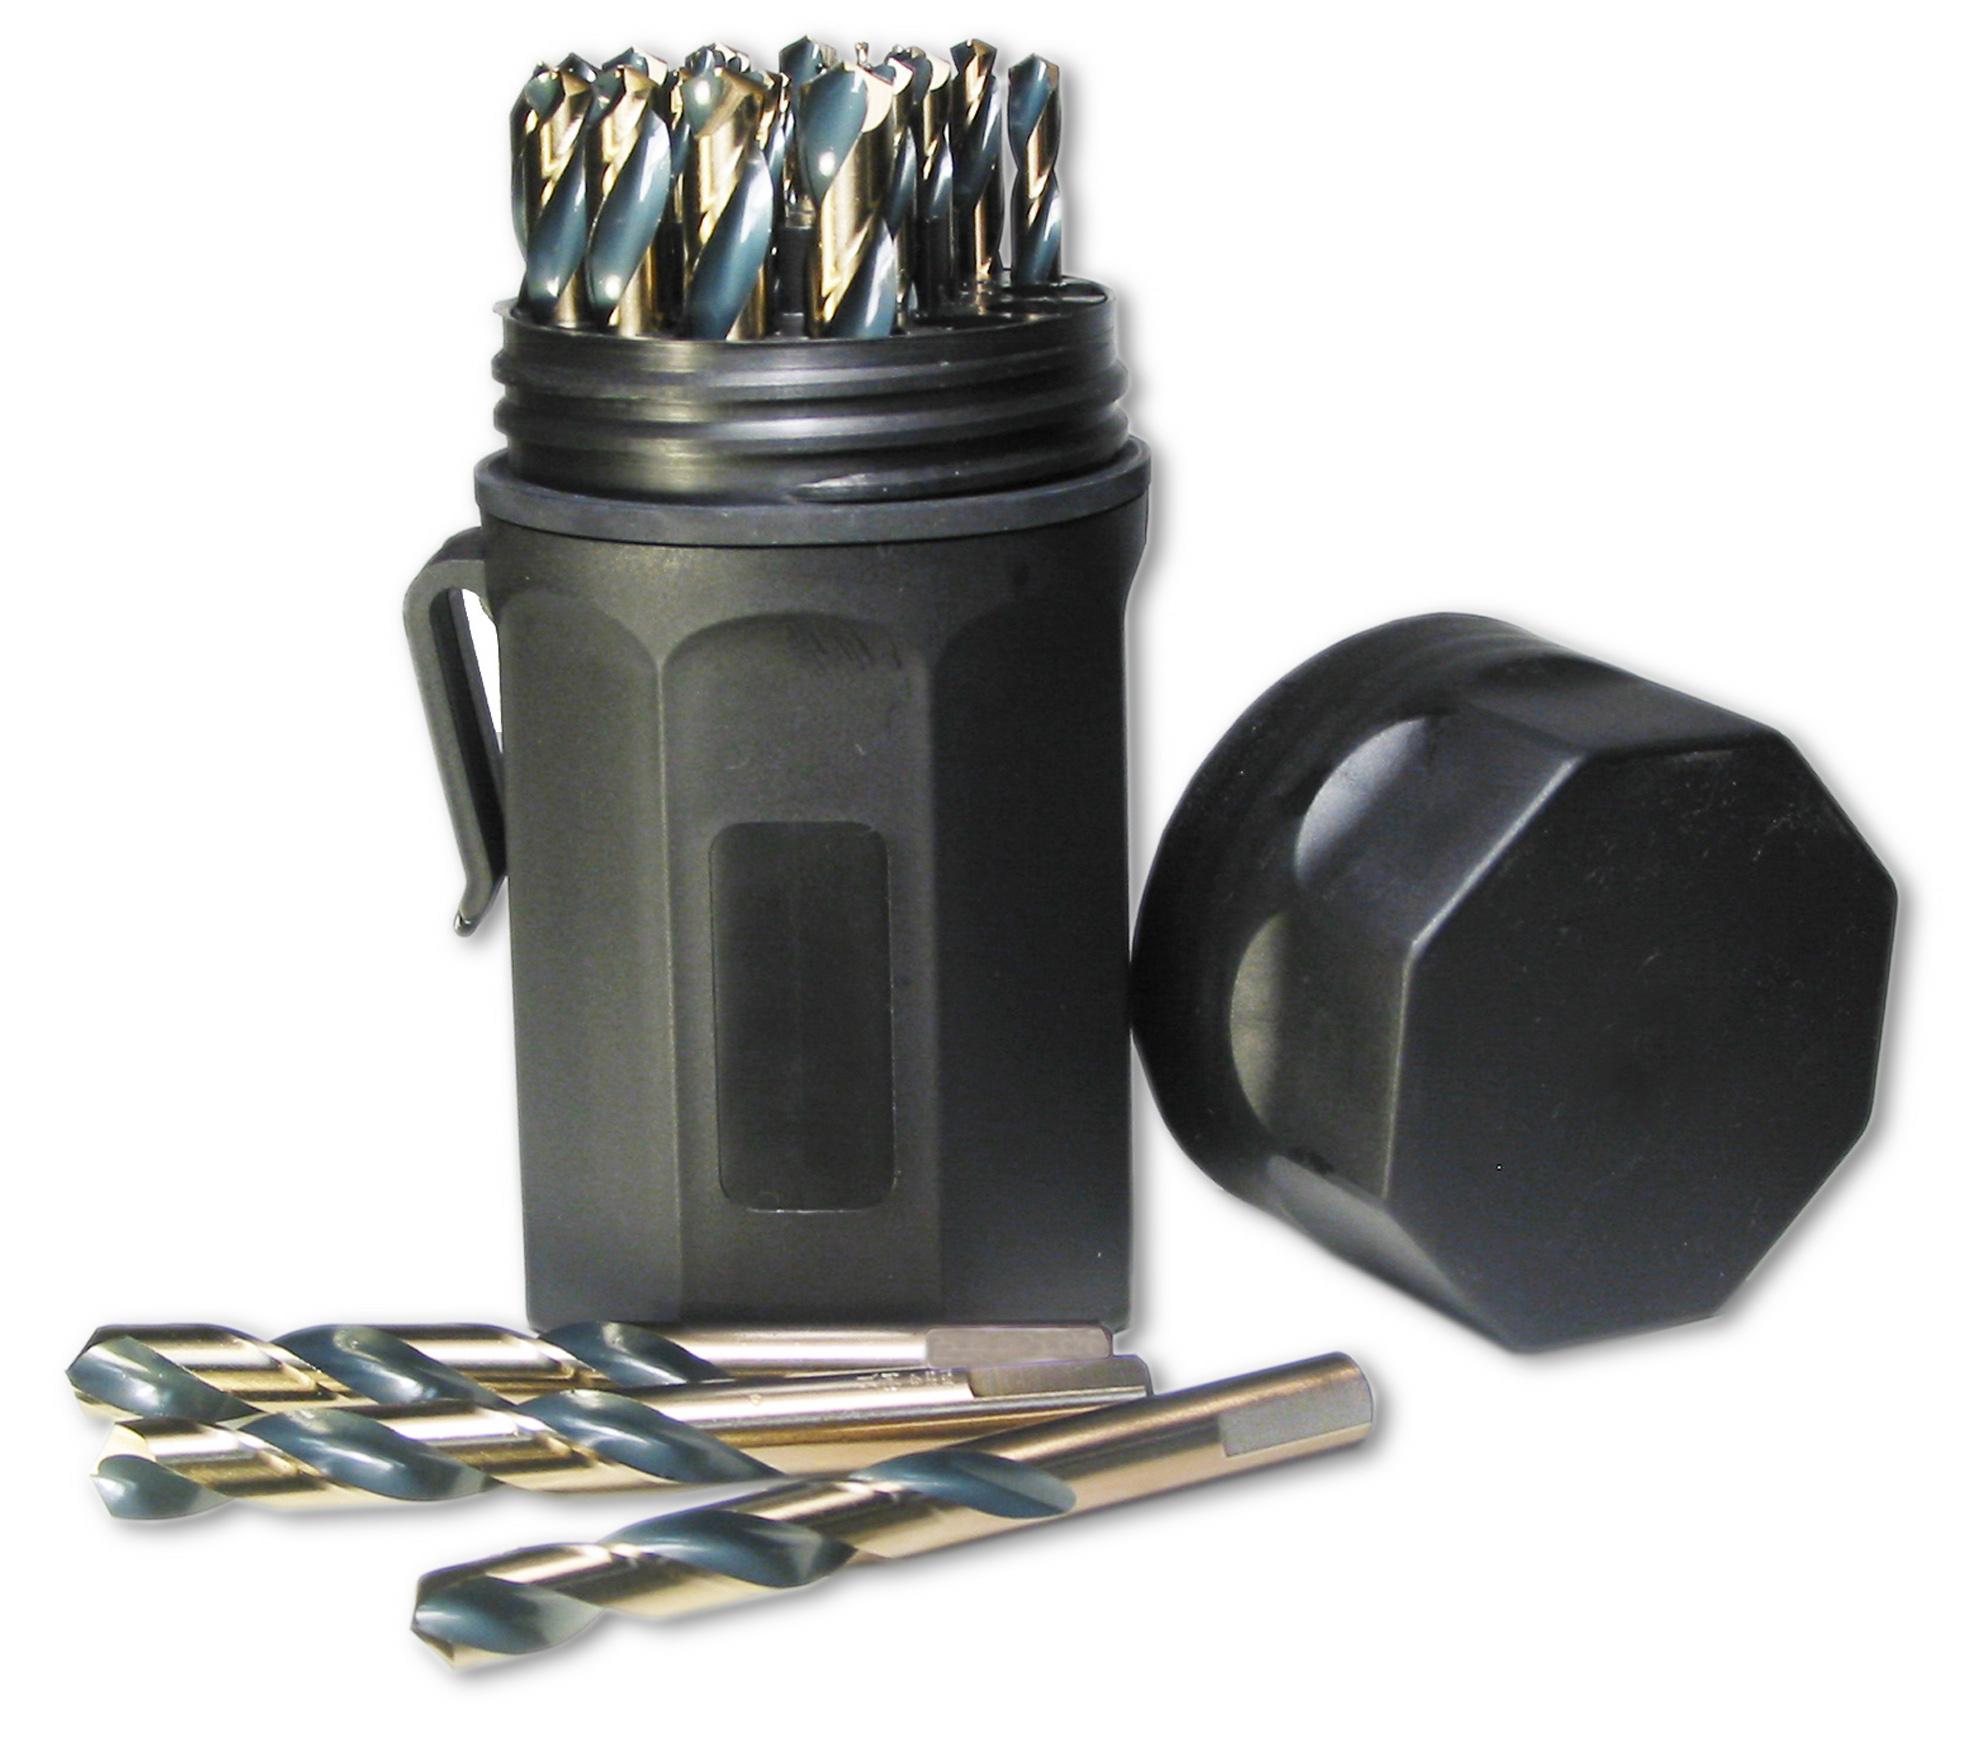 drills-taps-jobber-length-190